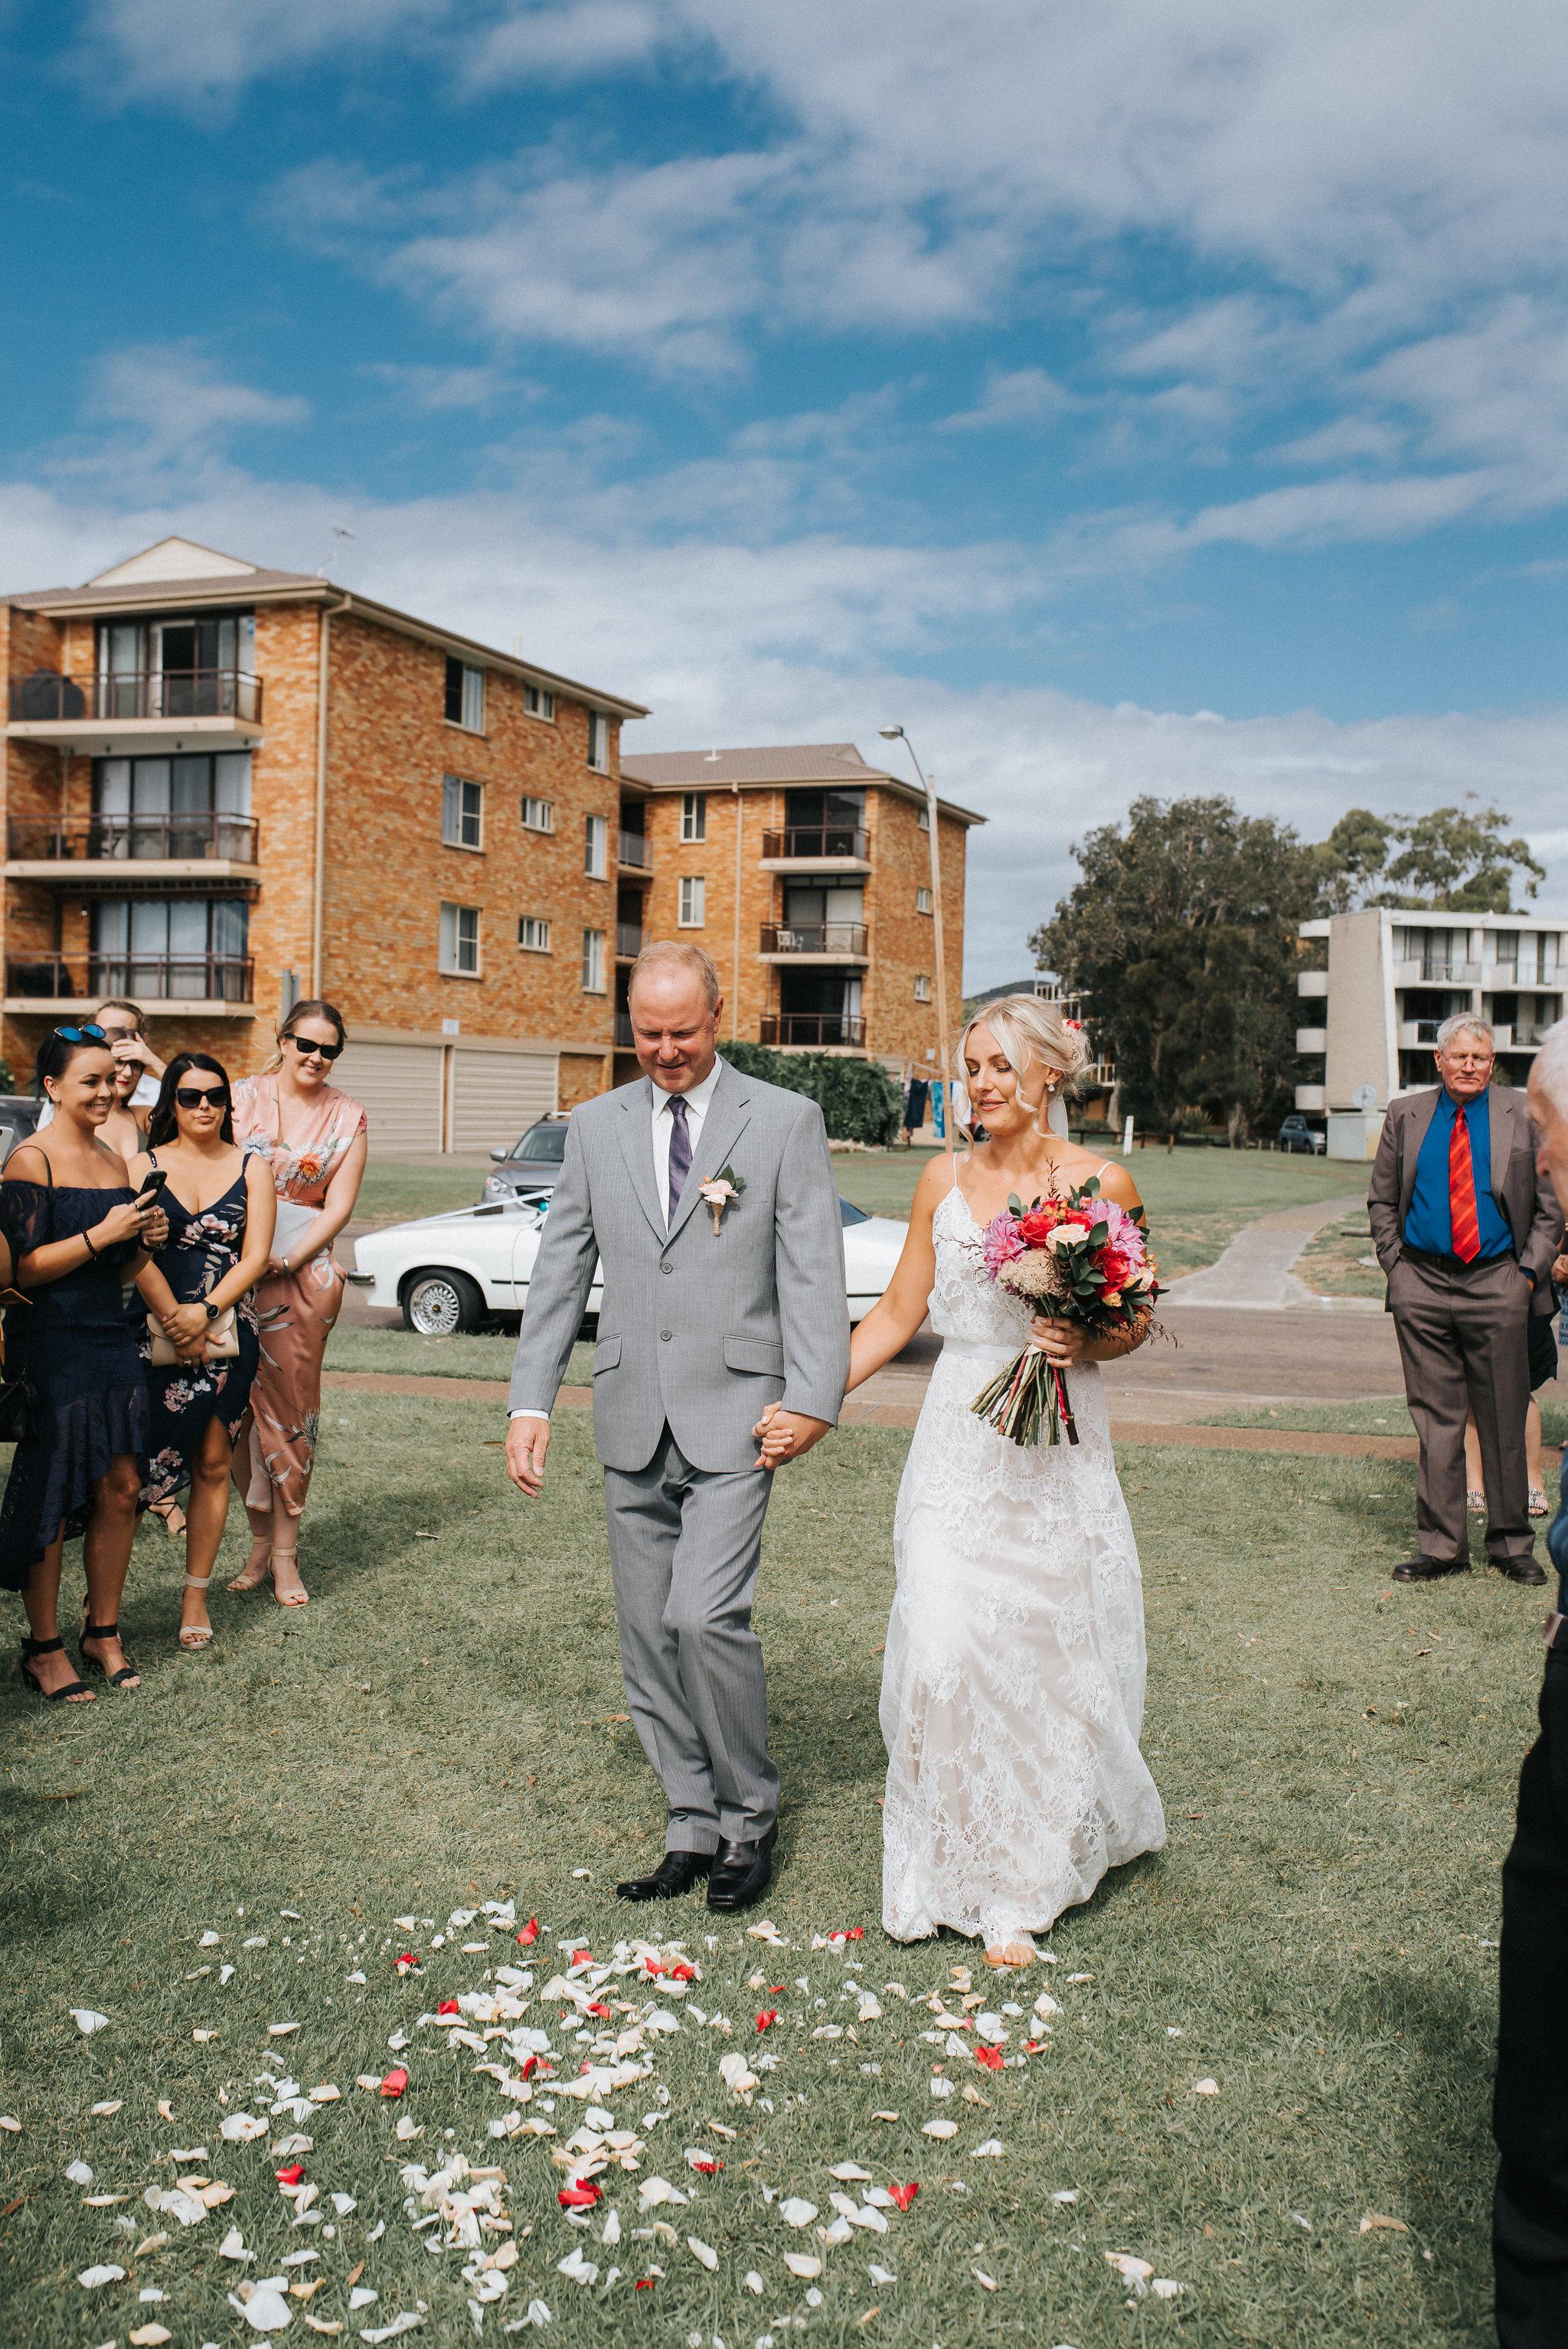 LITTLE-BEACH-WEDDING-MARCHANT-368.jpg